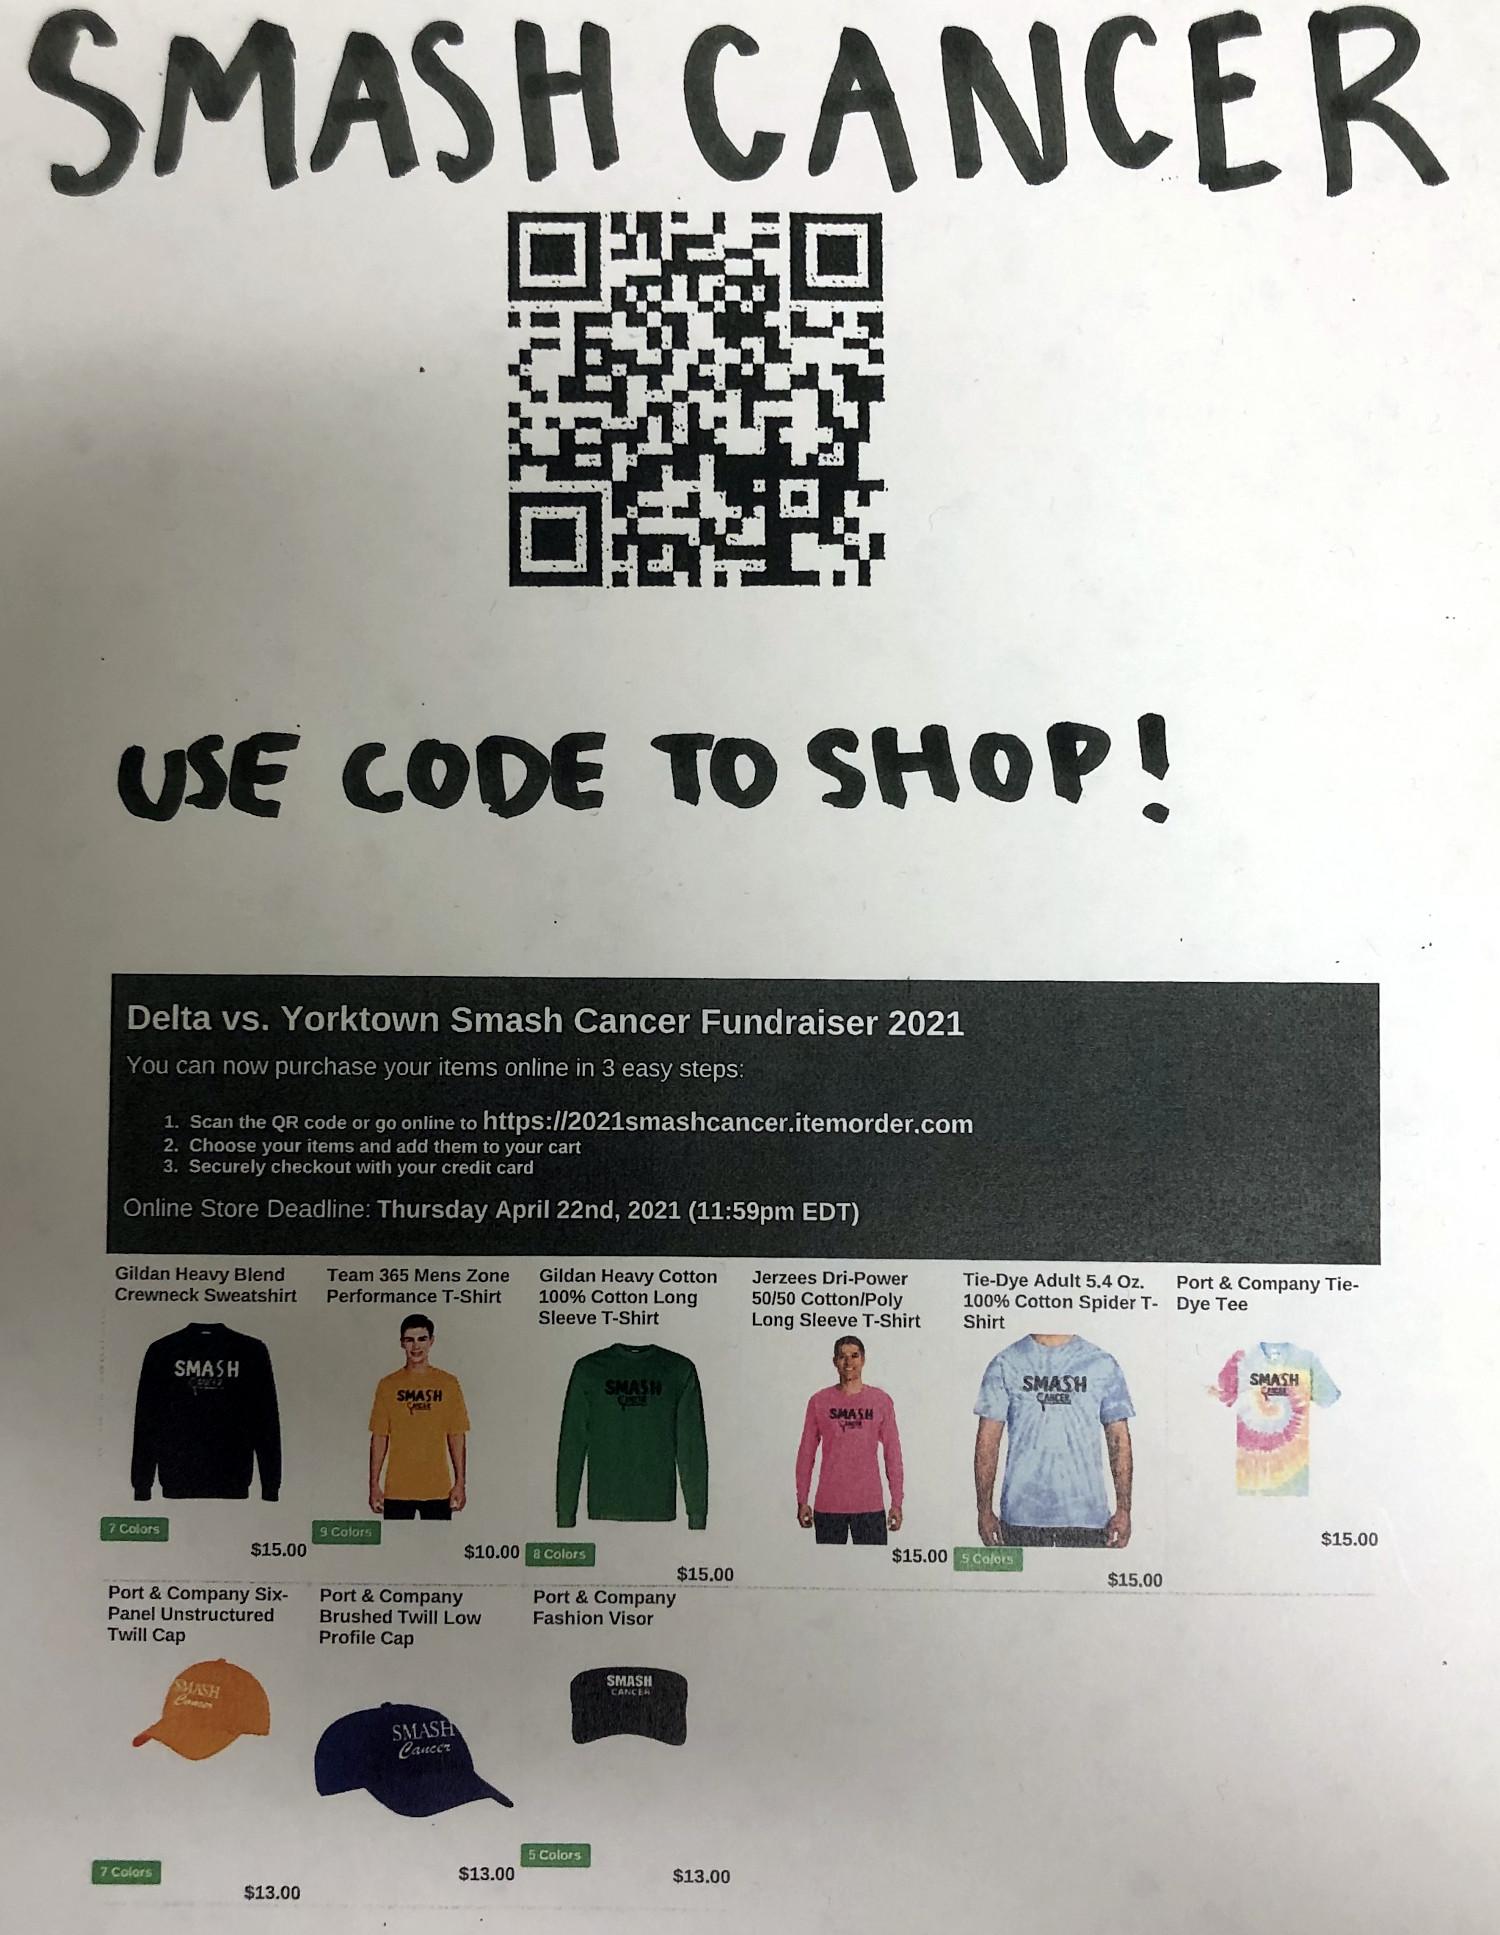 Order Form Info